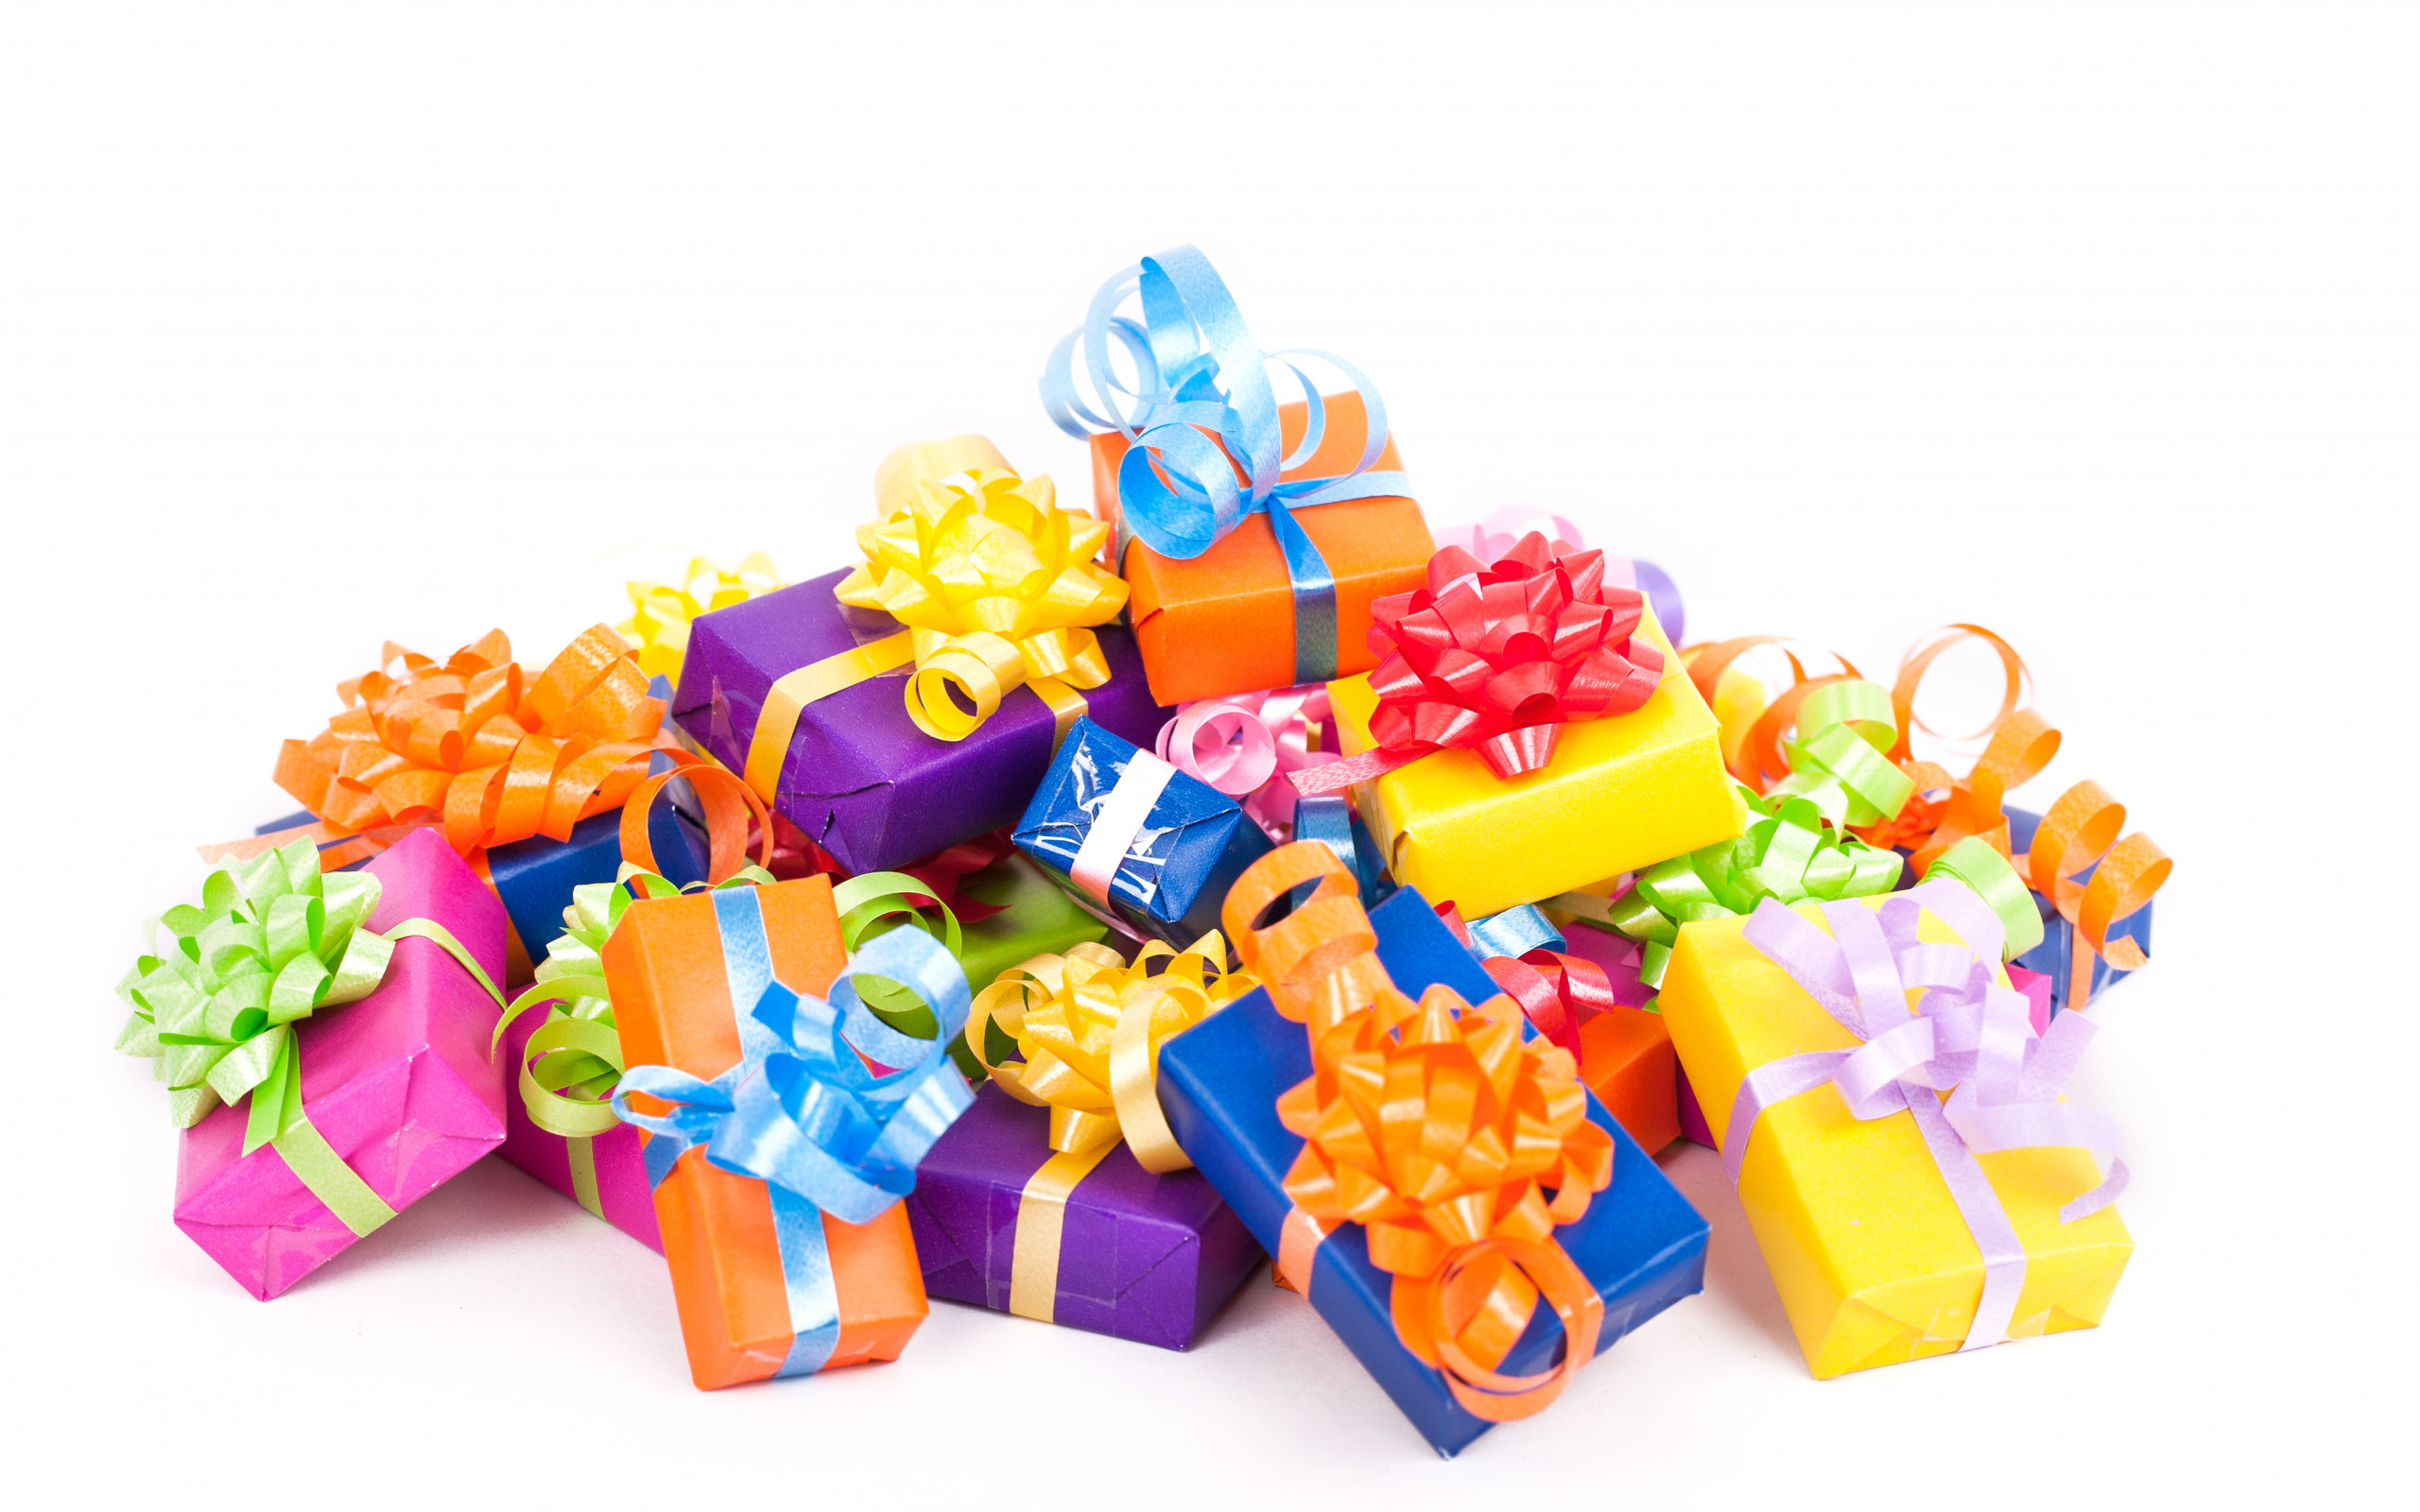 красивые картинки подарки на день рождения на прозрачном фоне ситара приводит